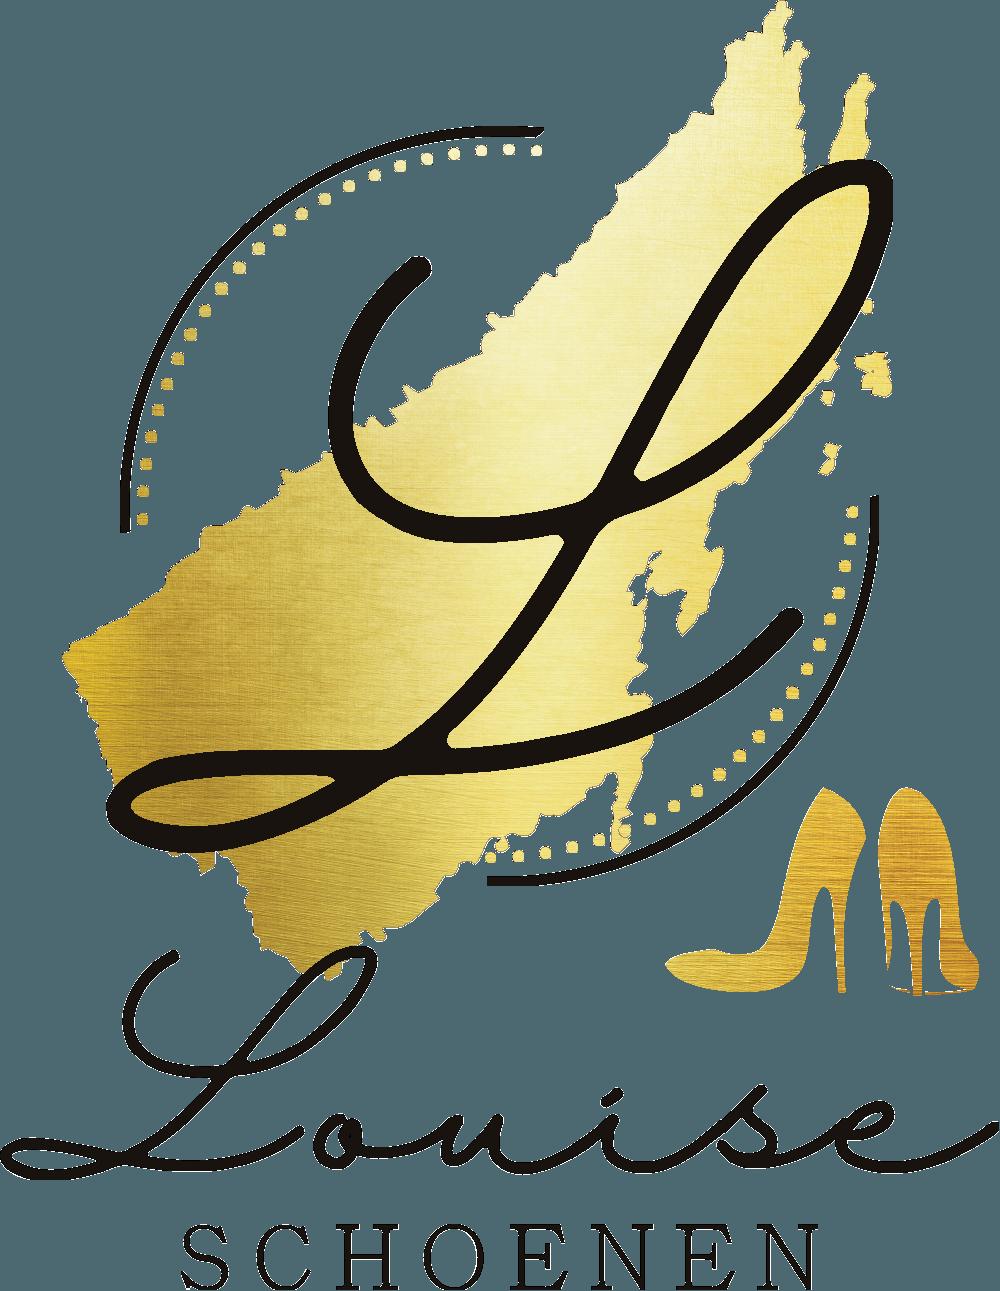 Louise schoenen logo